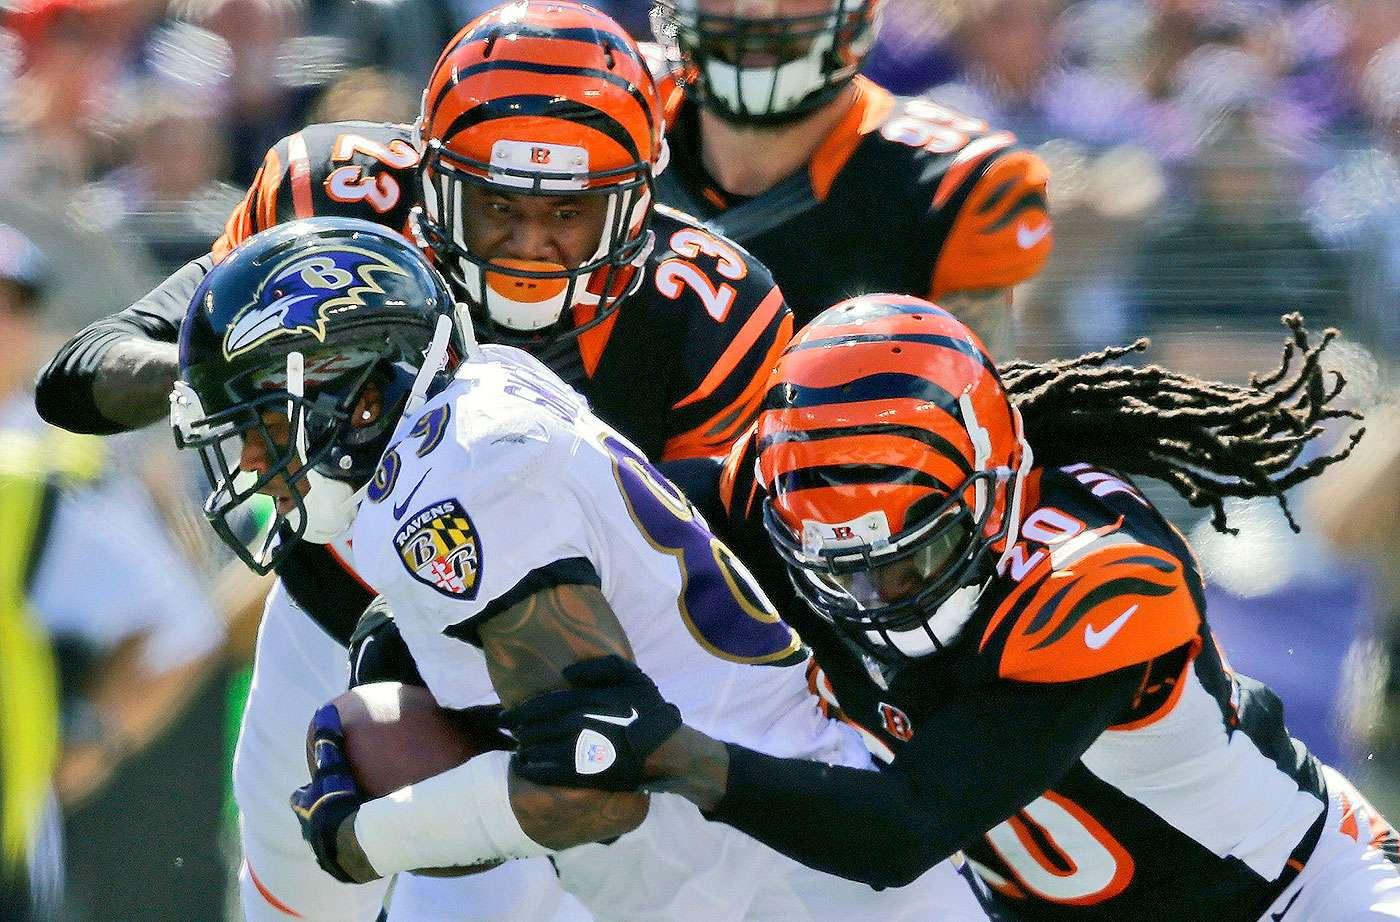 Baltimore Ravens vs Cincinnati Bengals (Domingo al mediodía). Este juego ya se dio en la semana 1 con triunfo de los Bengals. Los Ravens han mejorado mucho desde entonces. Los Bengals se miden a una defensiva mejor que los blanqueó en Indianapolis. Baltimore gana por menos de 5 puntos. Foto: AP